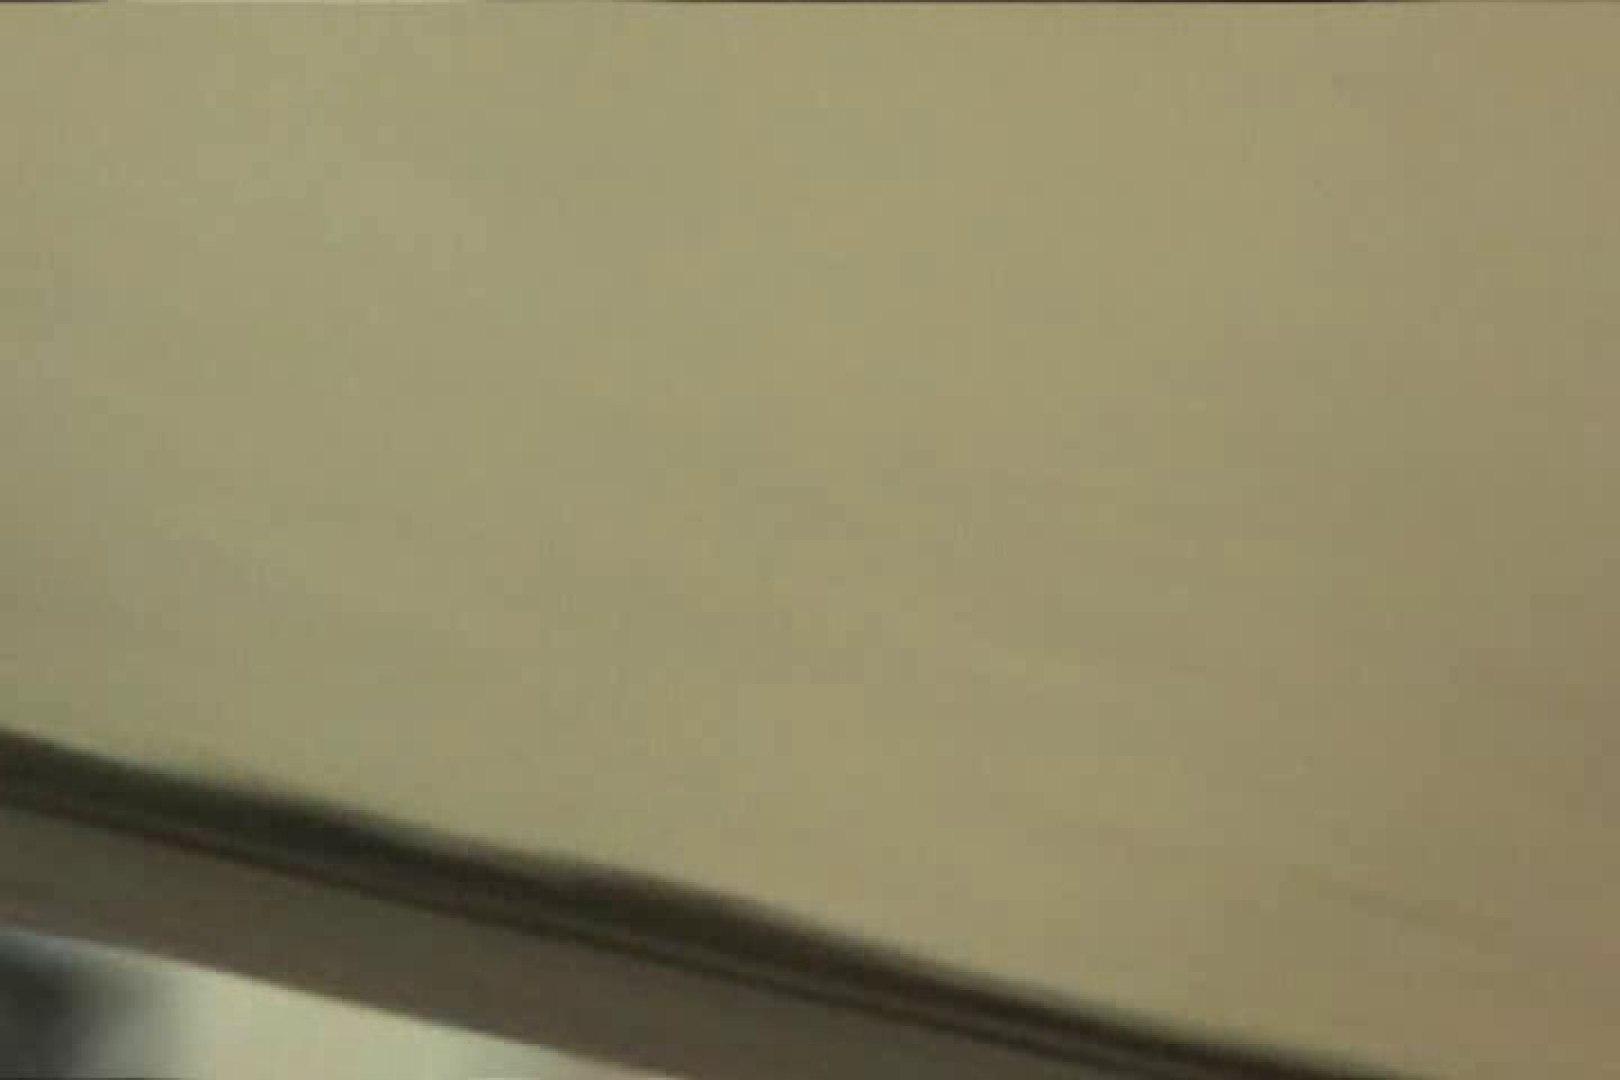 マンコ丸見え女子洗面所Vol.29 マンコ  107枚 21